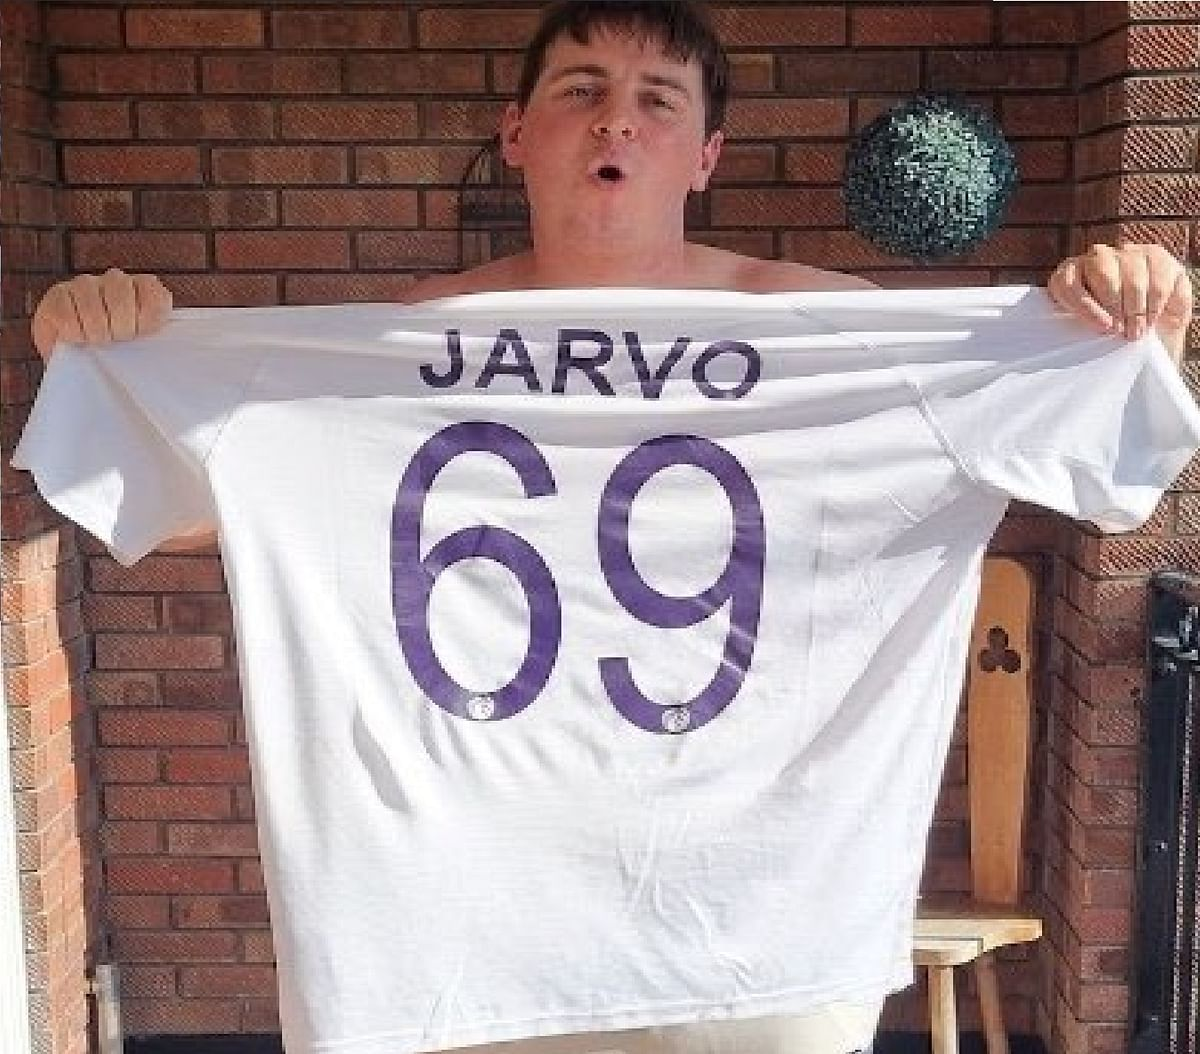 IND vs ENG: कौन है Jarvo 69? 'टीम इंडिया को अगर कोई बचा सकता है, तो वो है जार्वो', मीम्स की बौछार